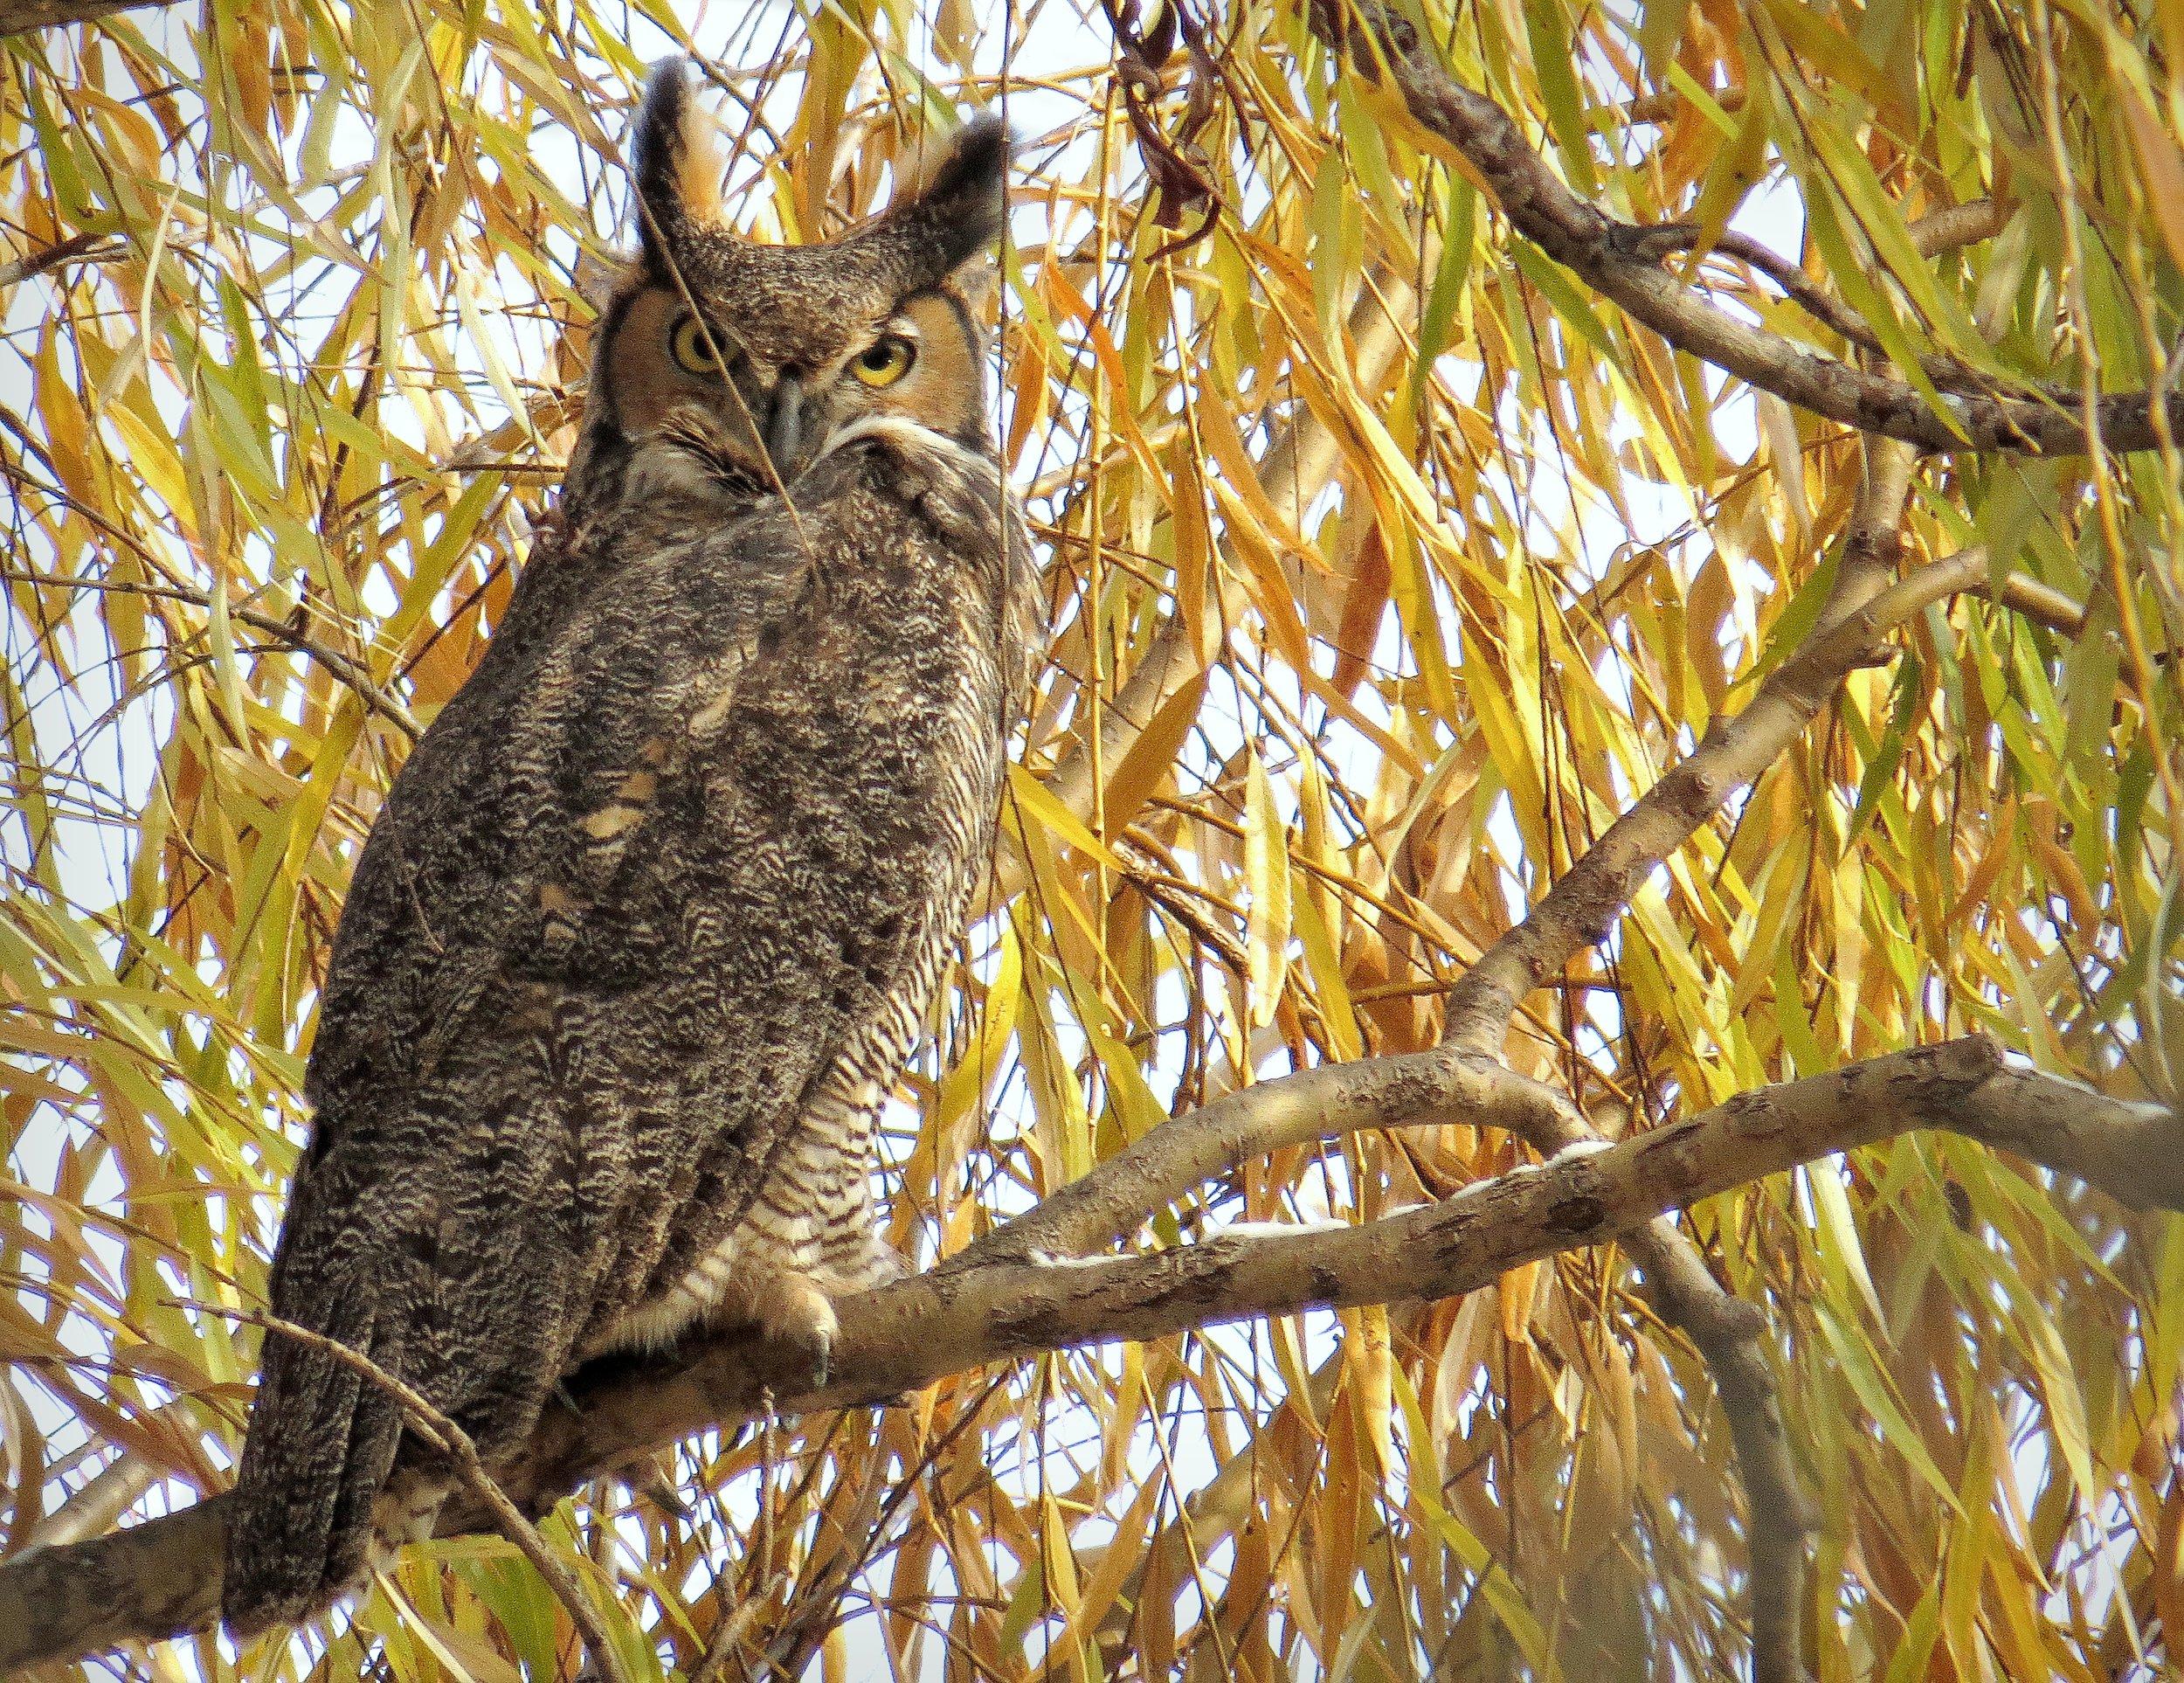 great horned owl nov 17 2014b.jpg